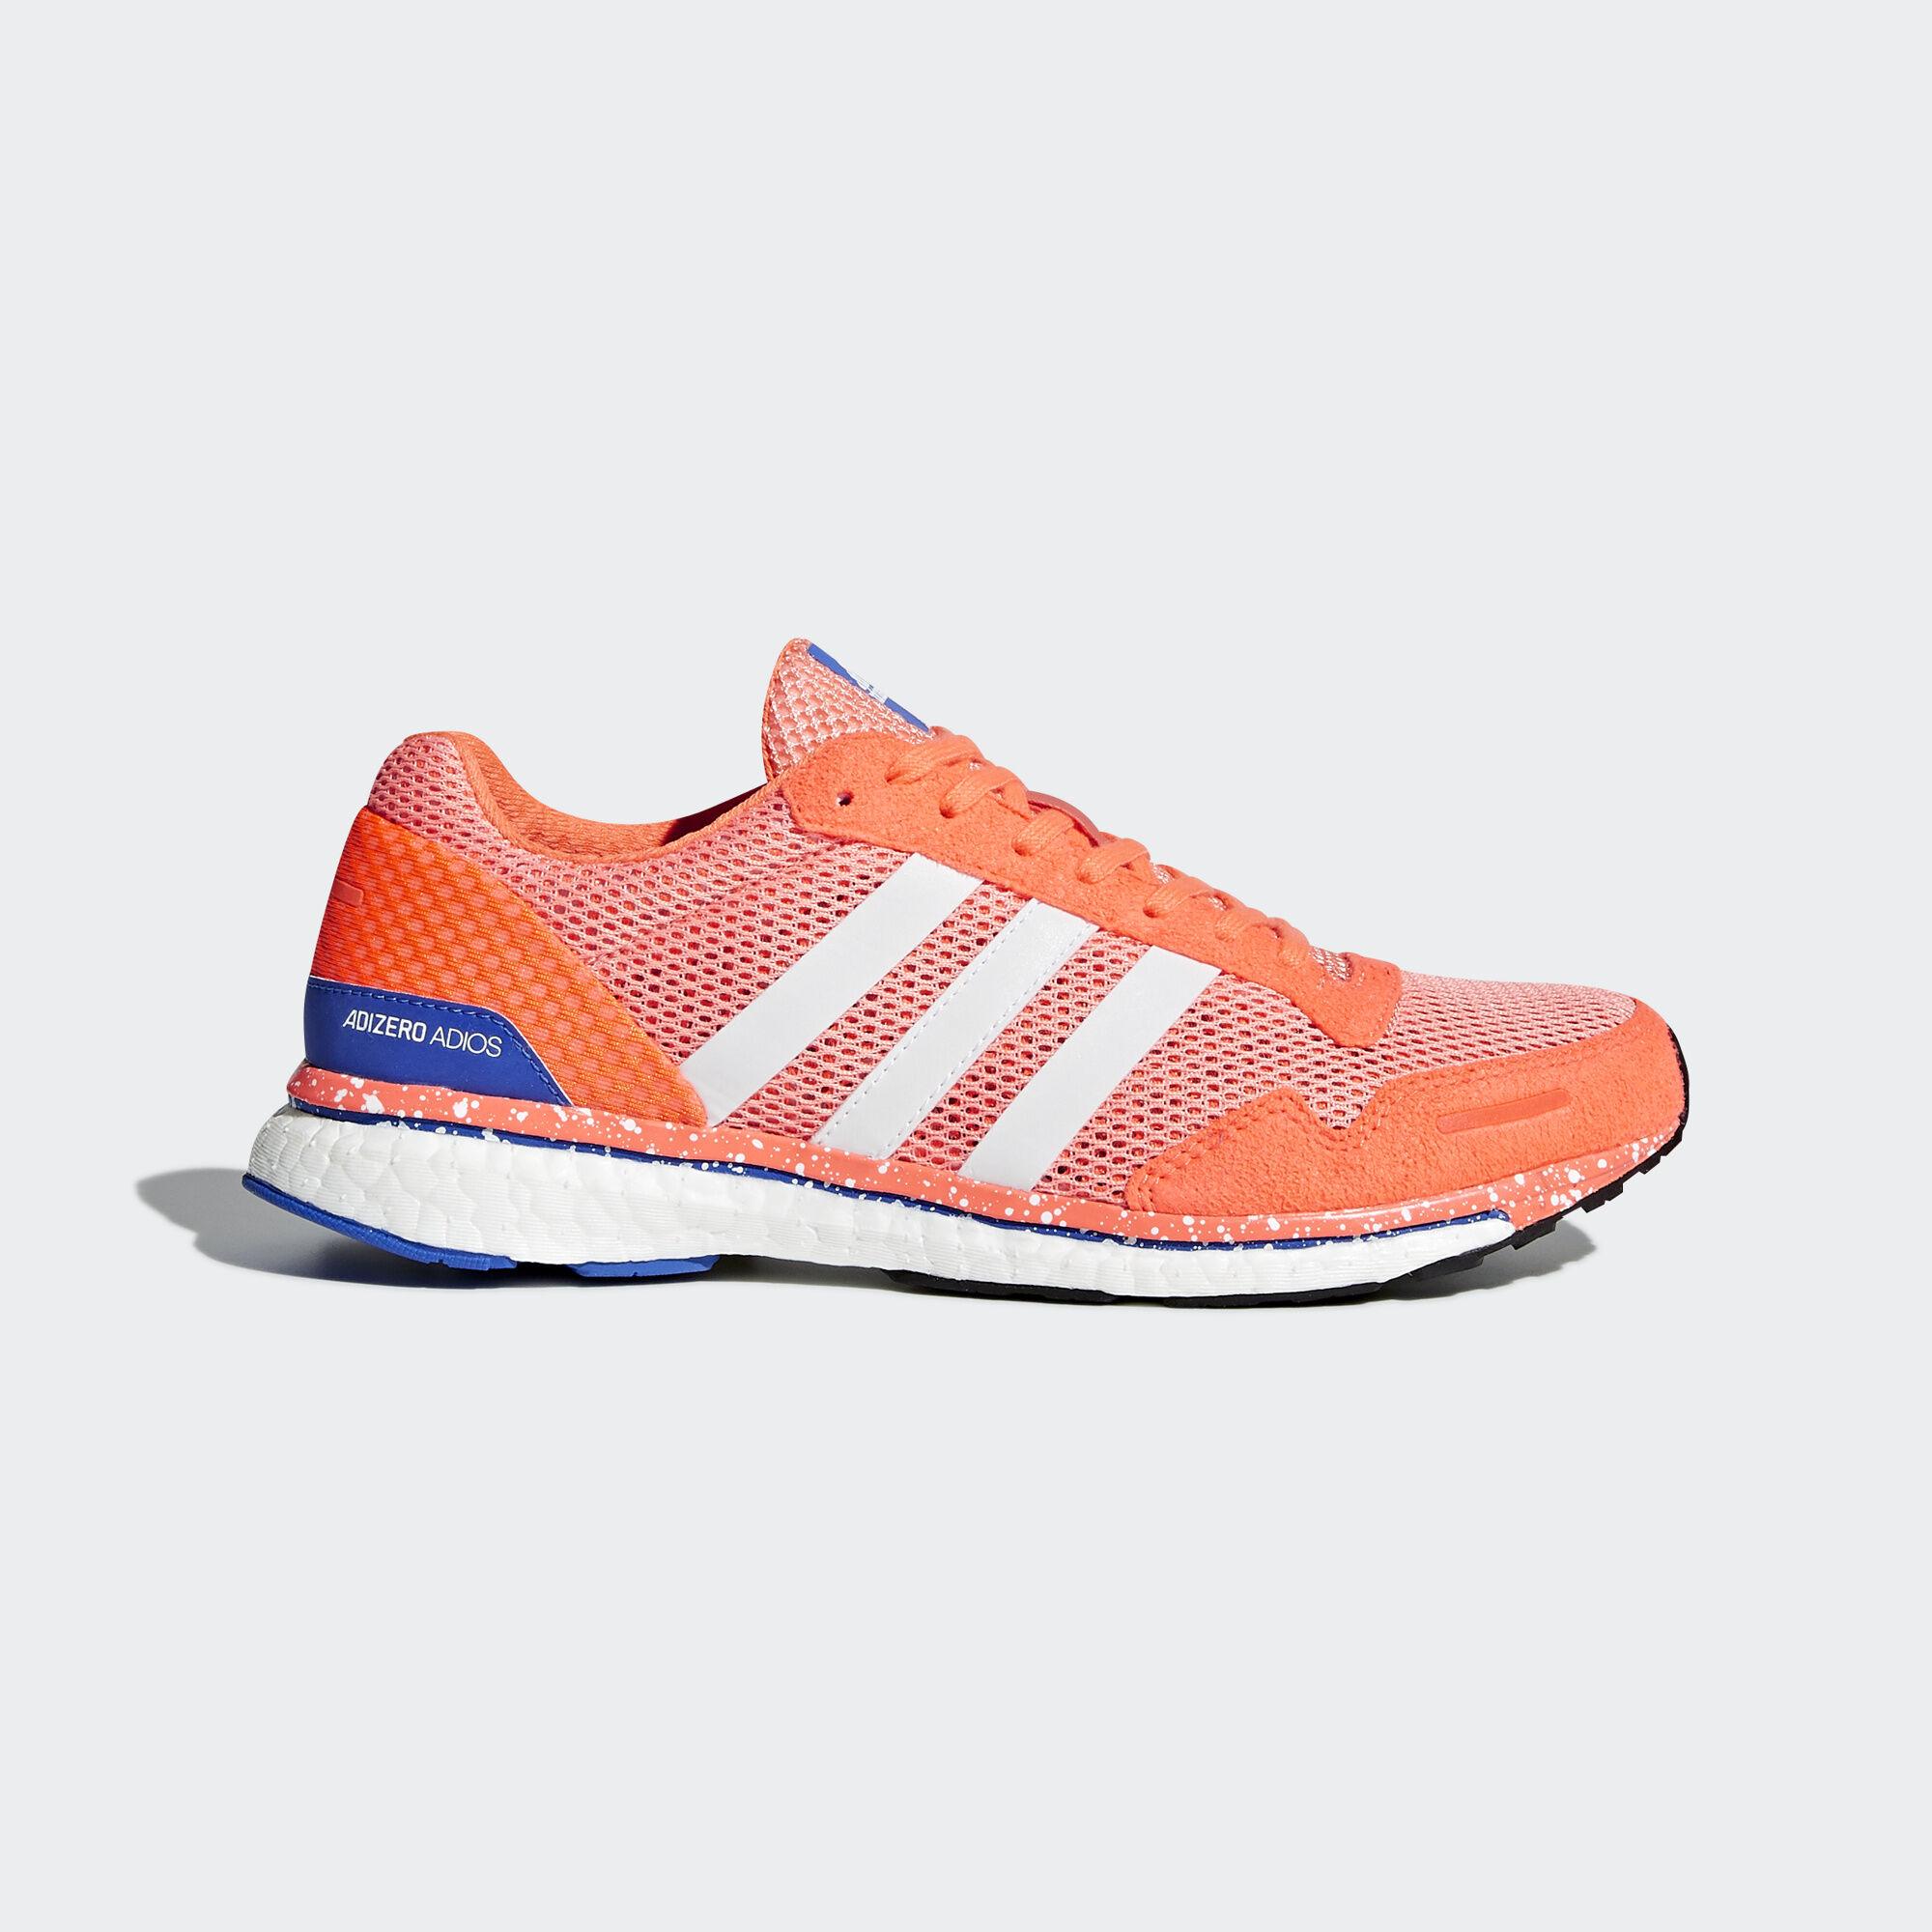 aaf41f3eb61e adidas - adizero Adios 3 Shoes Chalk Coral Ftwr White Orange BB6408. Women  Running